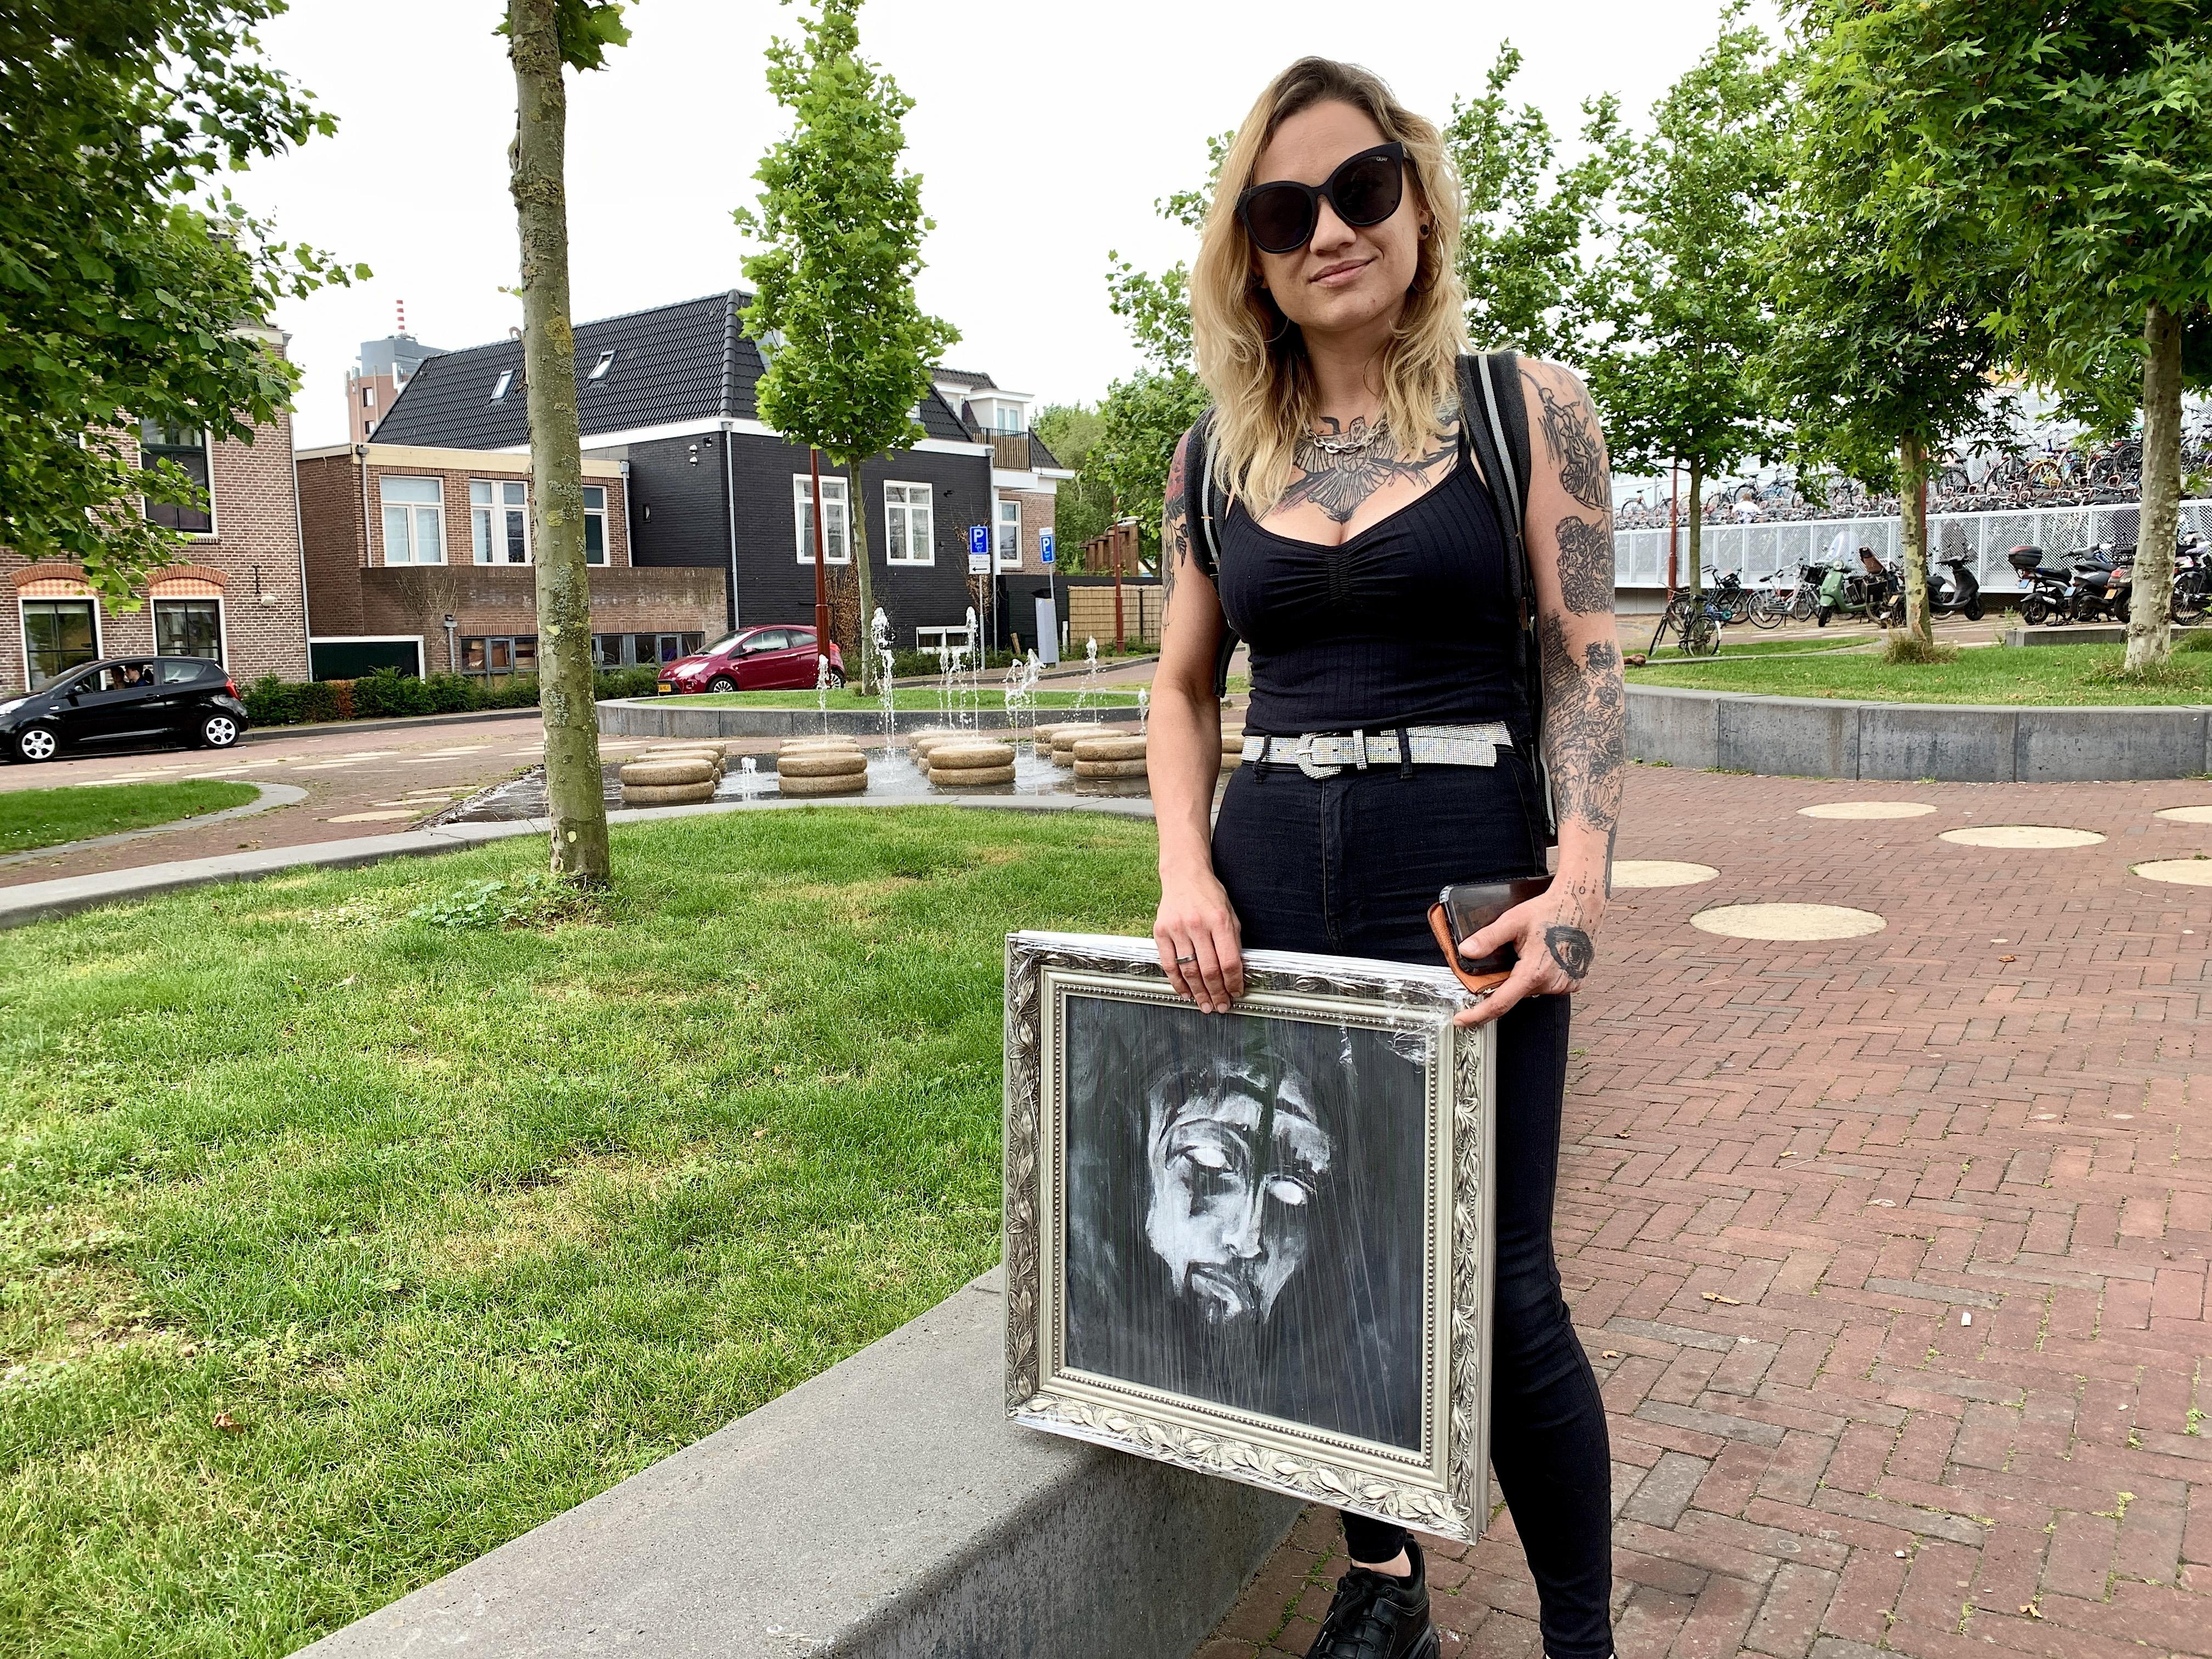 'Ik ben een vechter' zegt de uit Roemenië afkomstige tattoo-kunstenares Claudia. 'Maar ook een avonturier die nooit plannen voor de toekomst maakt. Ik zie wel wat er op mijn pad komt'